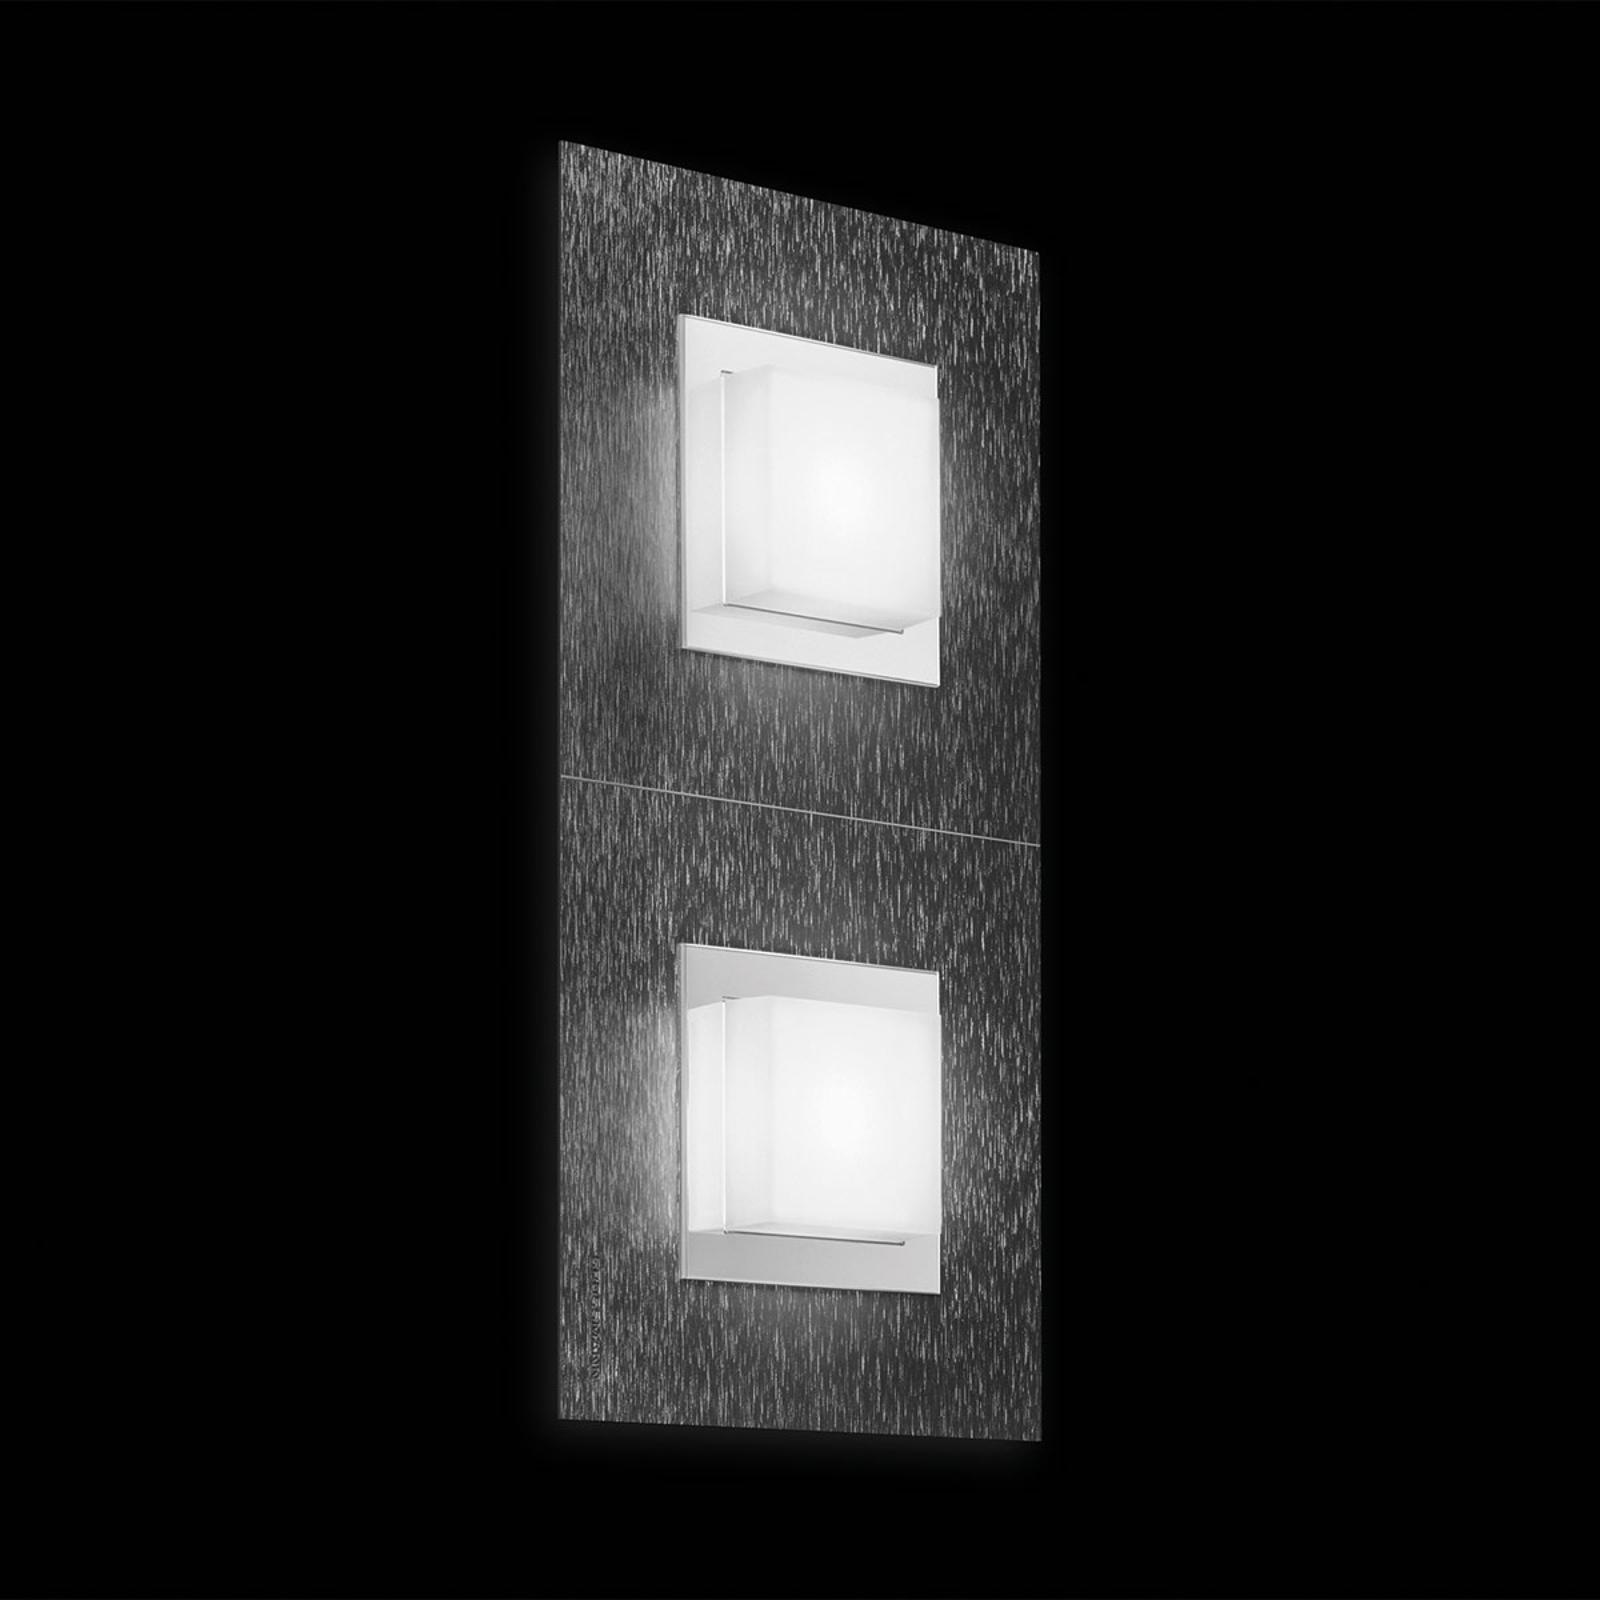 Produktové foto GROSSMANN GROSSMANN Basic LED nástěnné světlo, 2zdr antracit